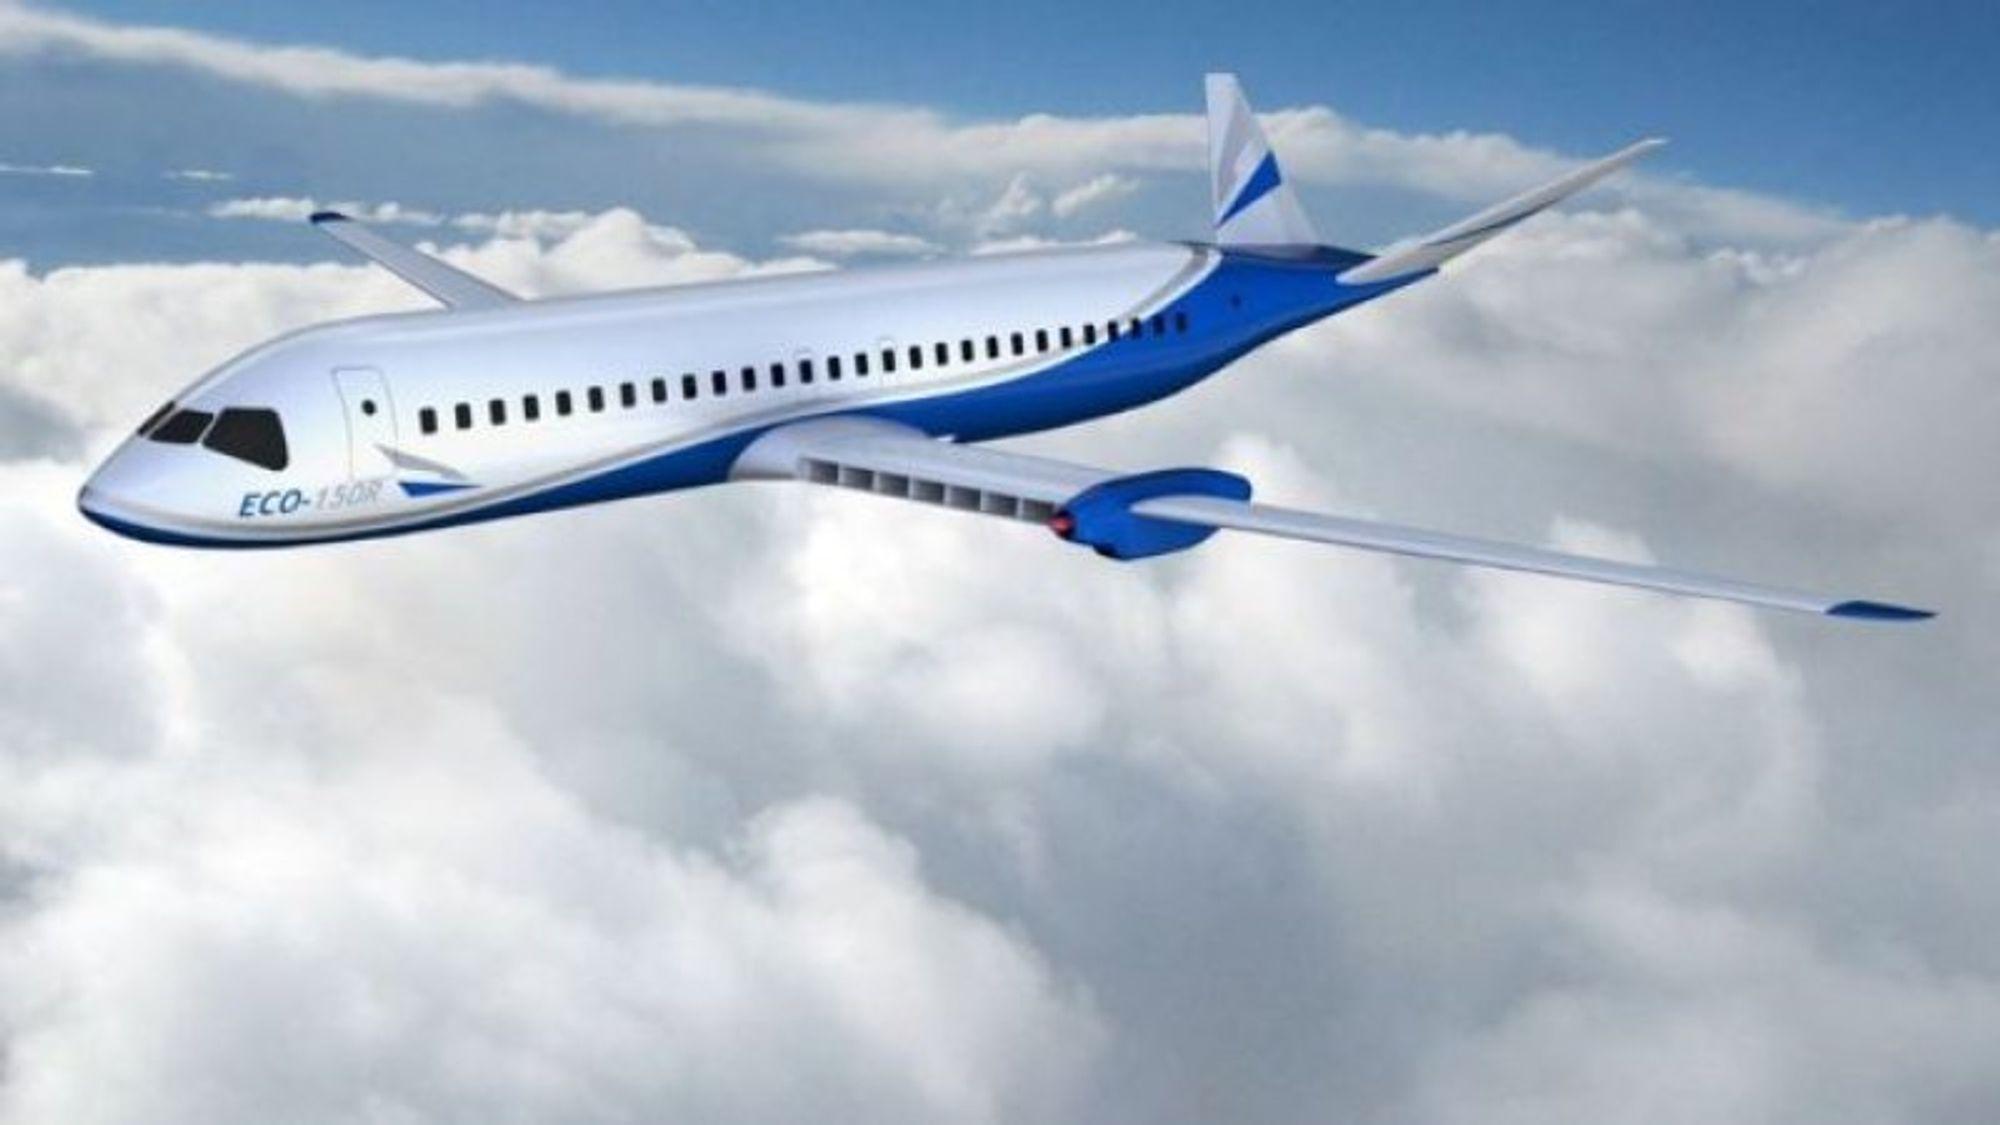 Om 20 år kan et elektrisk fly med plass til 150 passasjerer se slik ut. Rekkevidden vil være like under 500 kilometer, som er nok til å betjene en tredjedel av alle verdens nåværende flyruter.